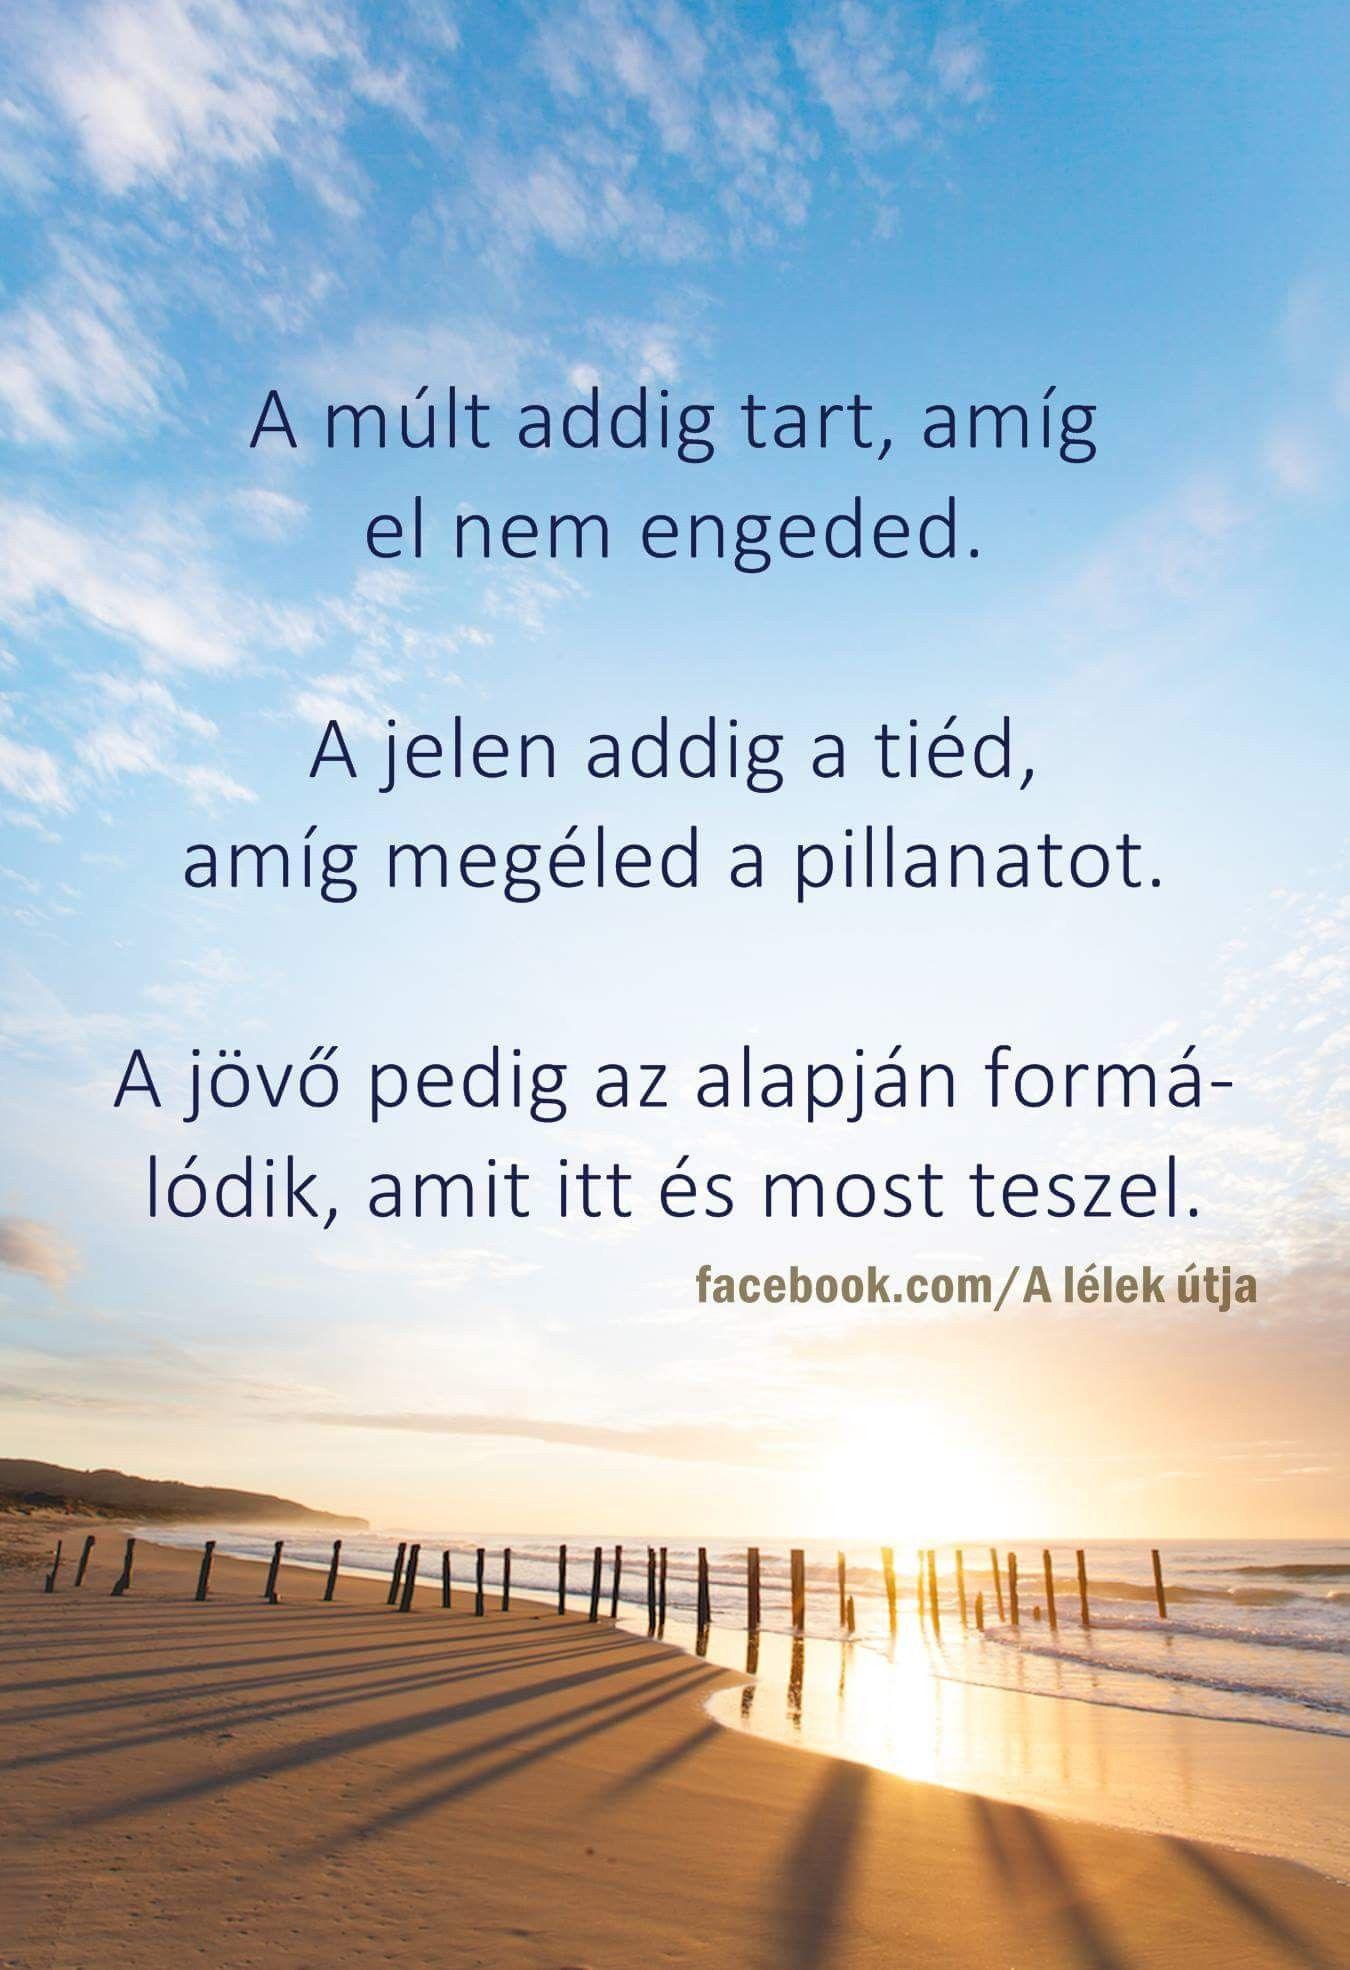 múlt szerelem idézetek A múlt♡ A jelen♡ A jövő♡ | Affirmation quotes, Inspo